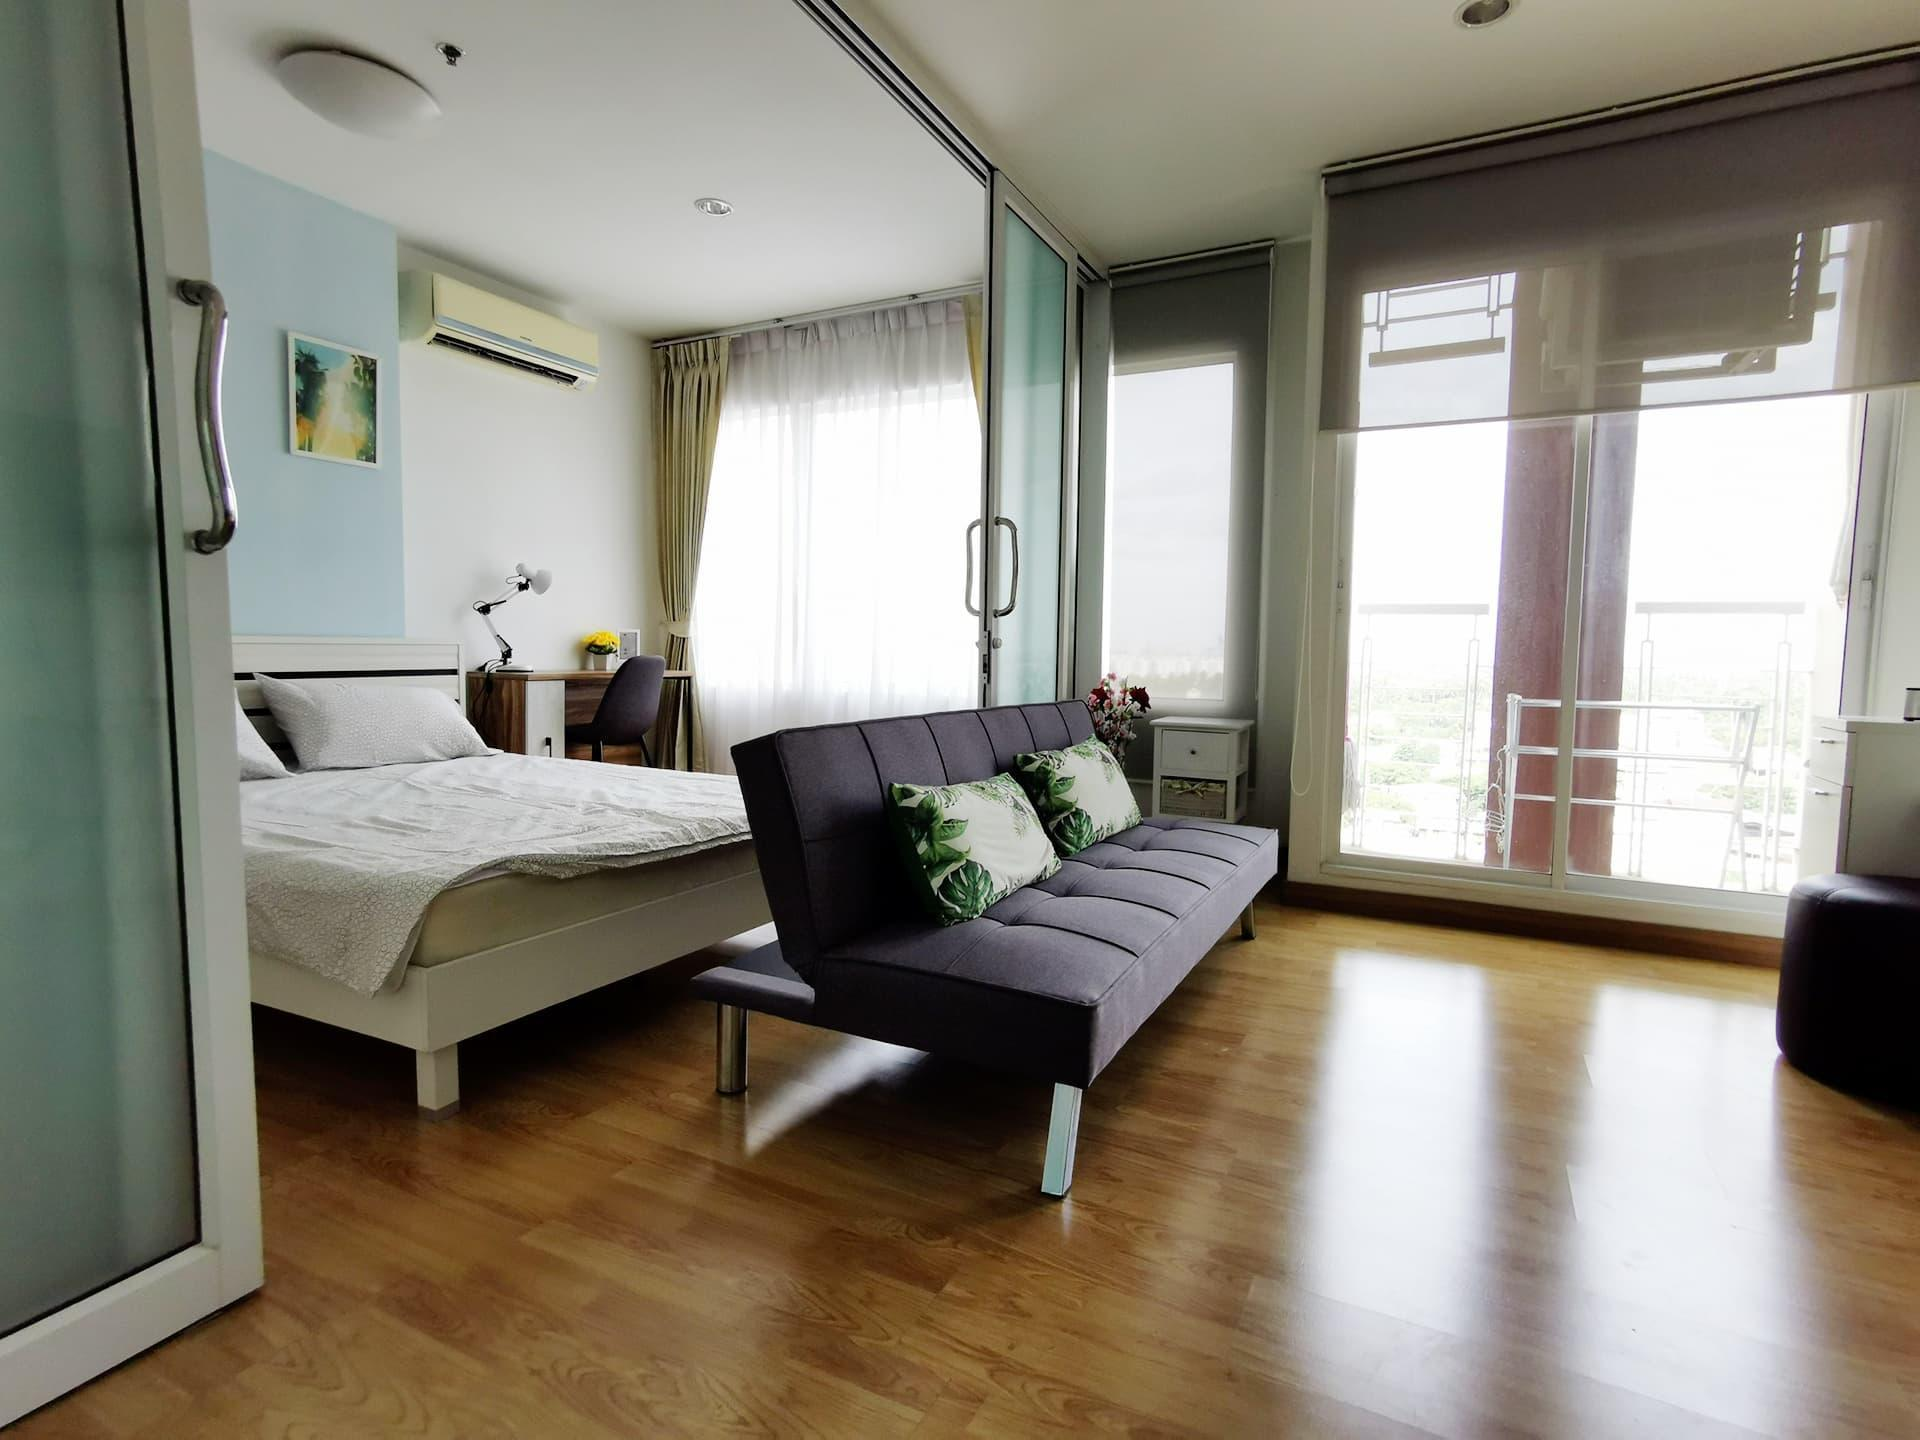 Cozy room + Local Life Style อพาร์ตเมนต์ 1 ห้องนอน 1 ห้องน้ำส่วนตัว ขนาด 30 ตร.ม. – ธนบุรีตอนใต้